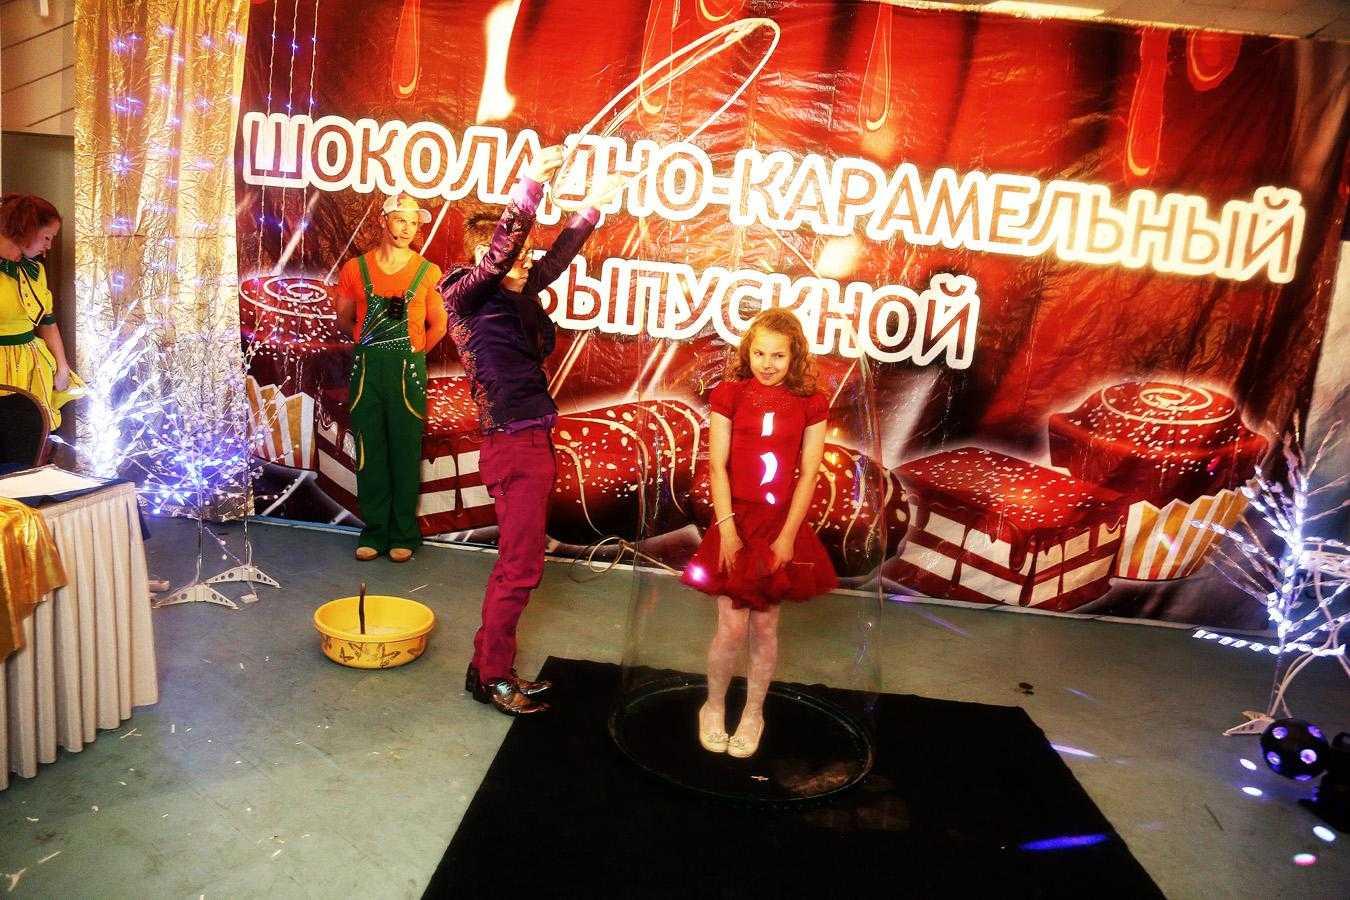 Шоколадно-Карамельный выпускной в ГК Космос 214 Москва